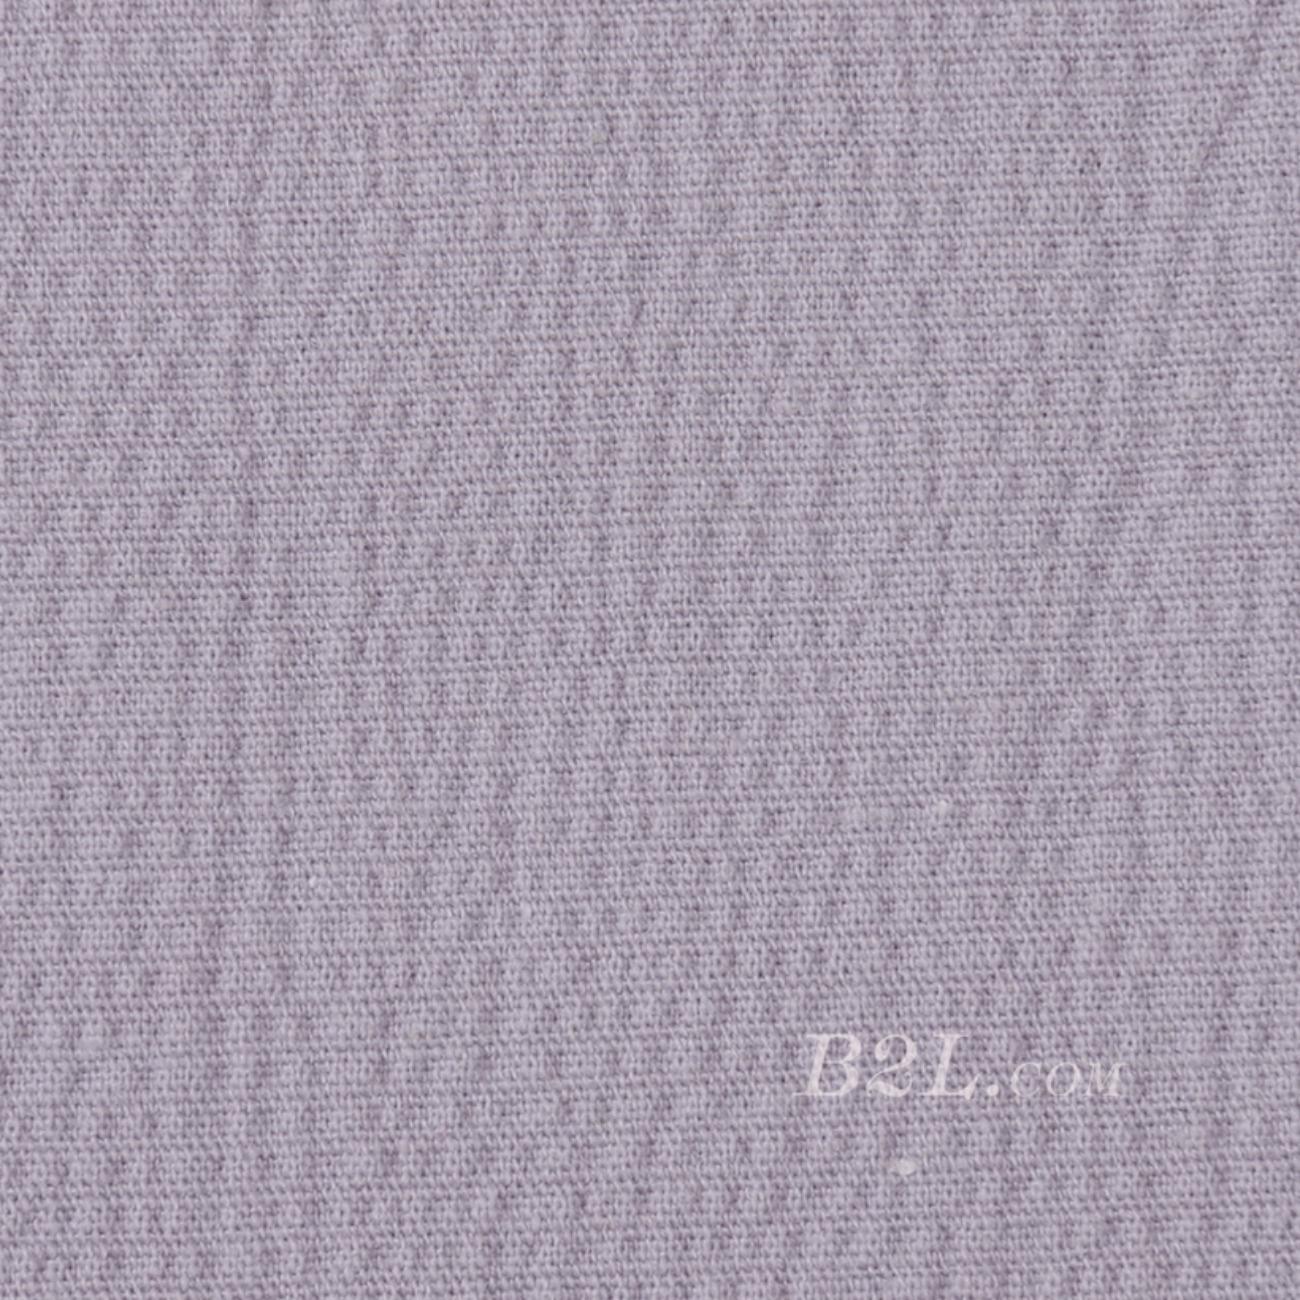 素色 梭织 染色 高弹 连衣裙 衬衫 柔软 女装 春夏 71116-55